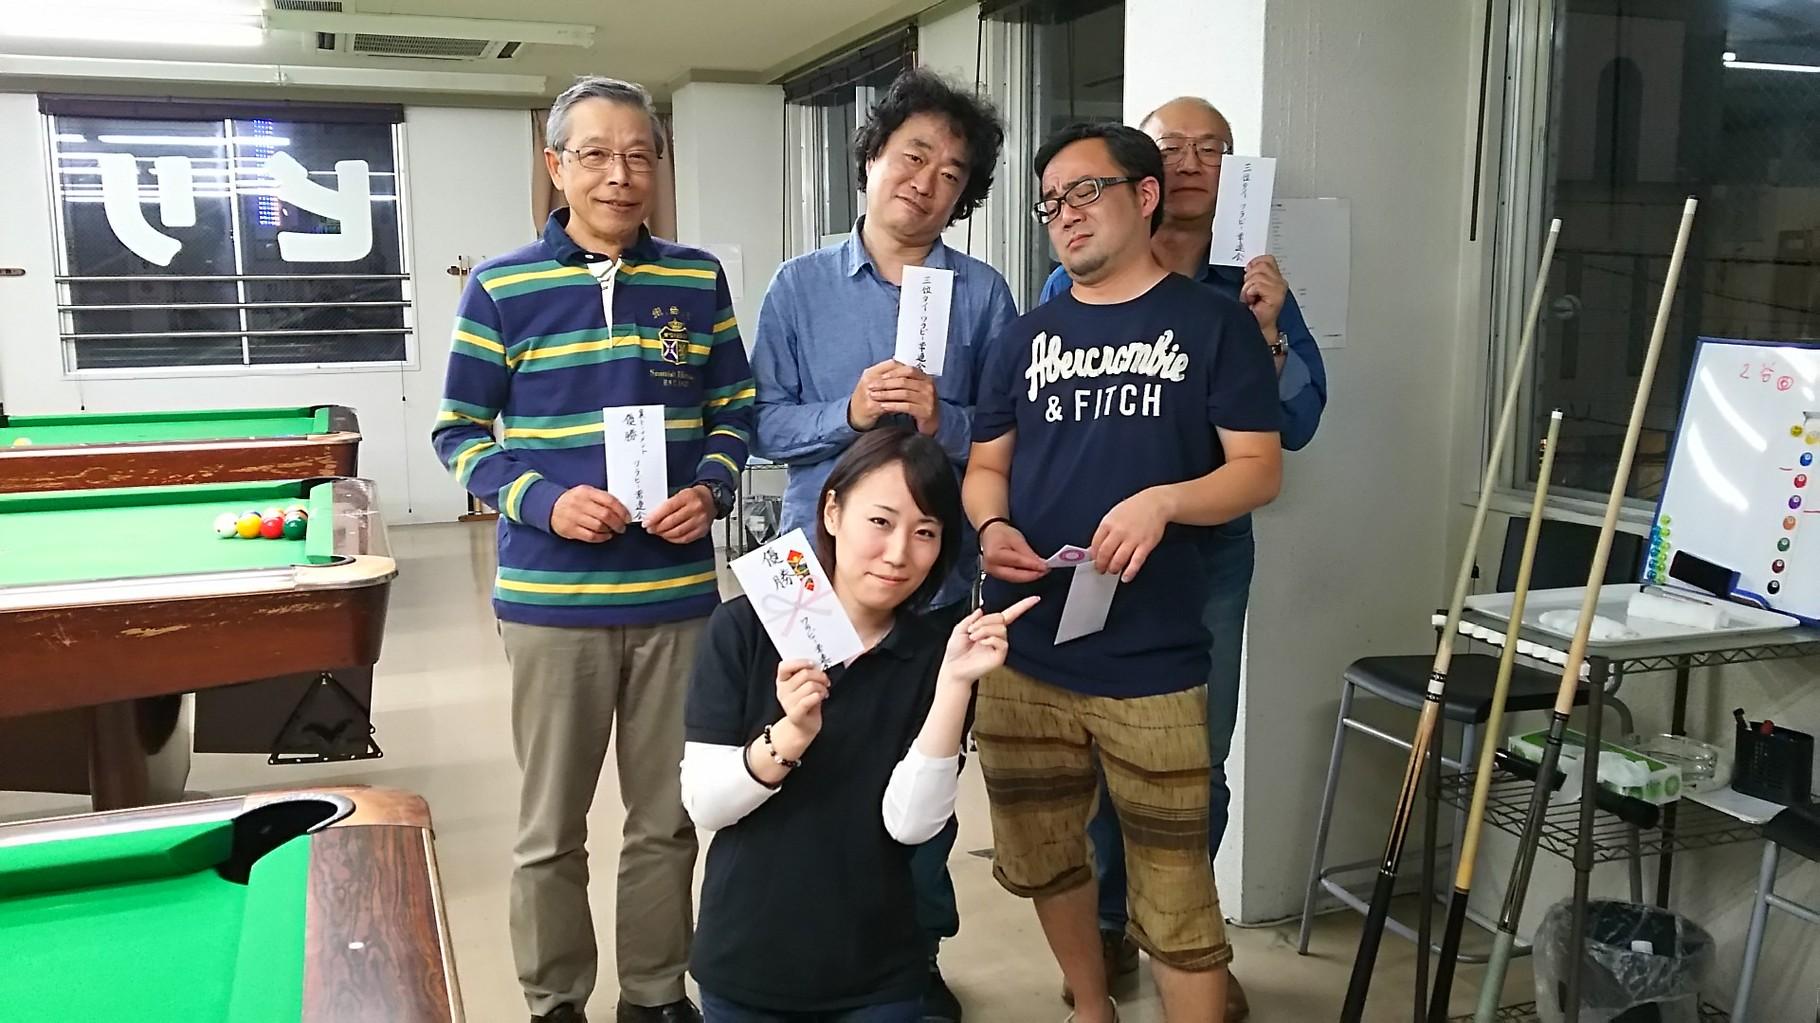 結果は、優勝りさちゃん・準優勝永藤君・3位タイ木根森さん、丹野さん・裏トーナメント優勝宮本さんでした。